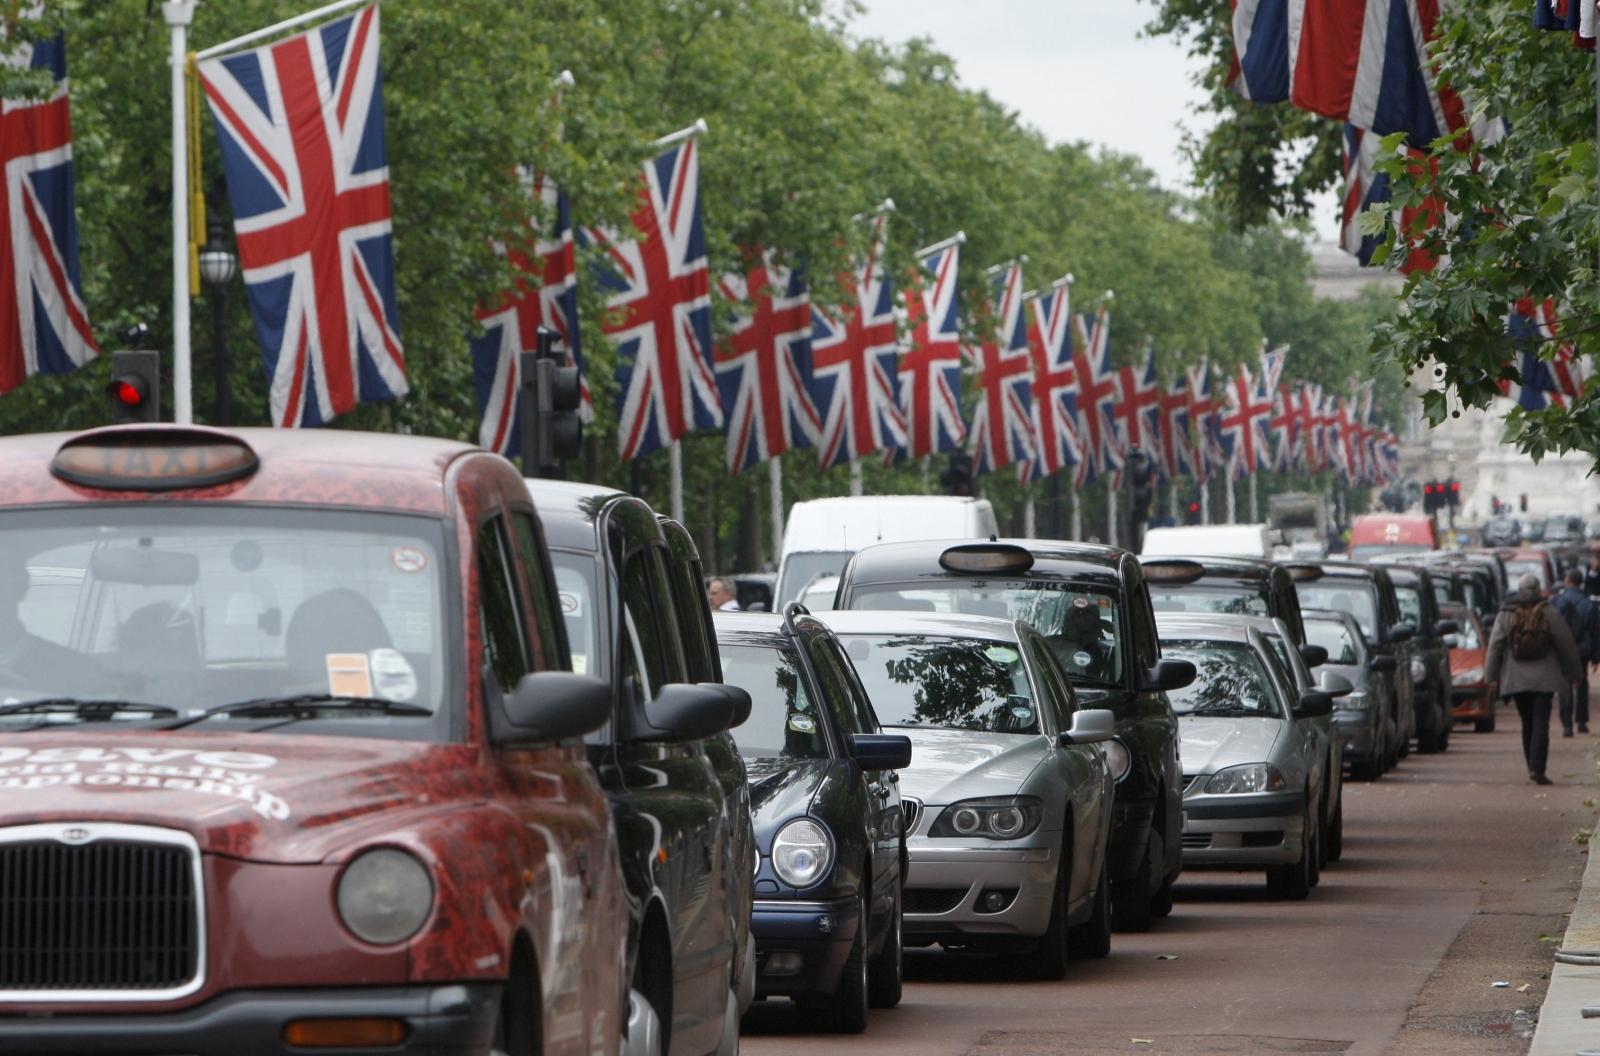 UK rush hour traffic